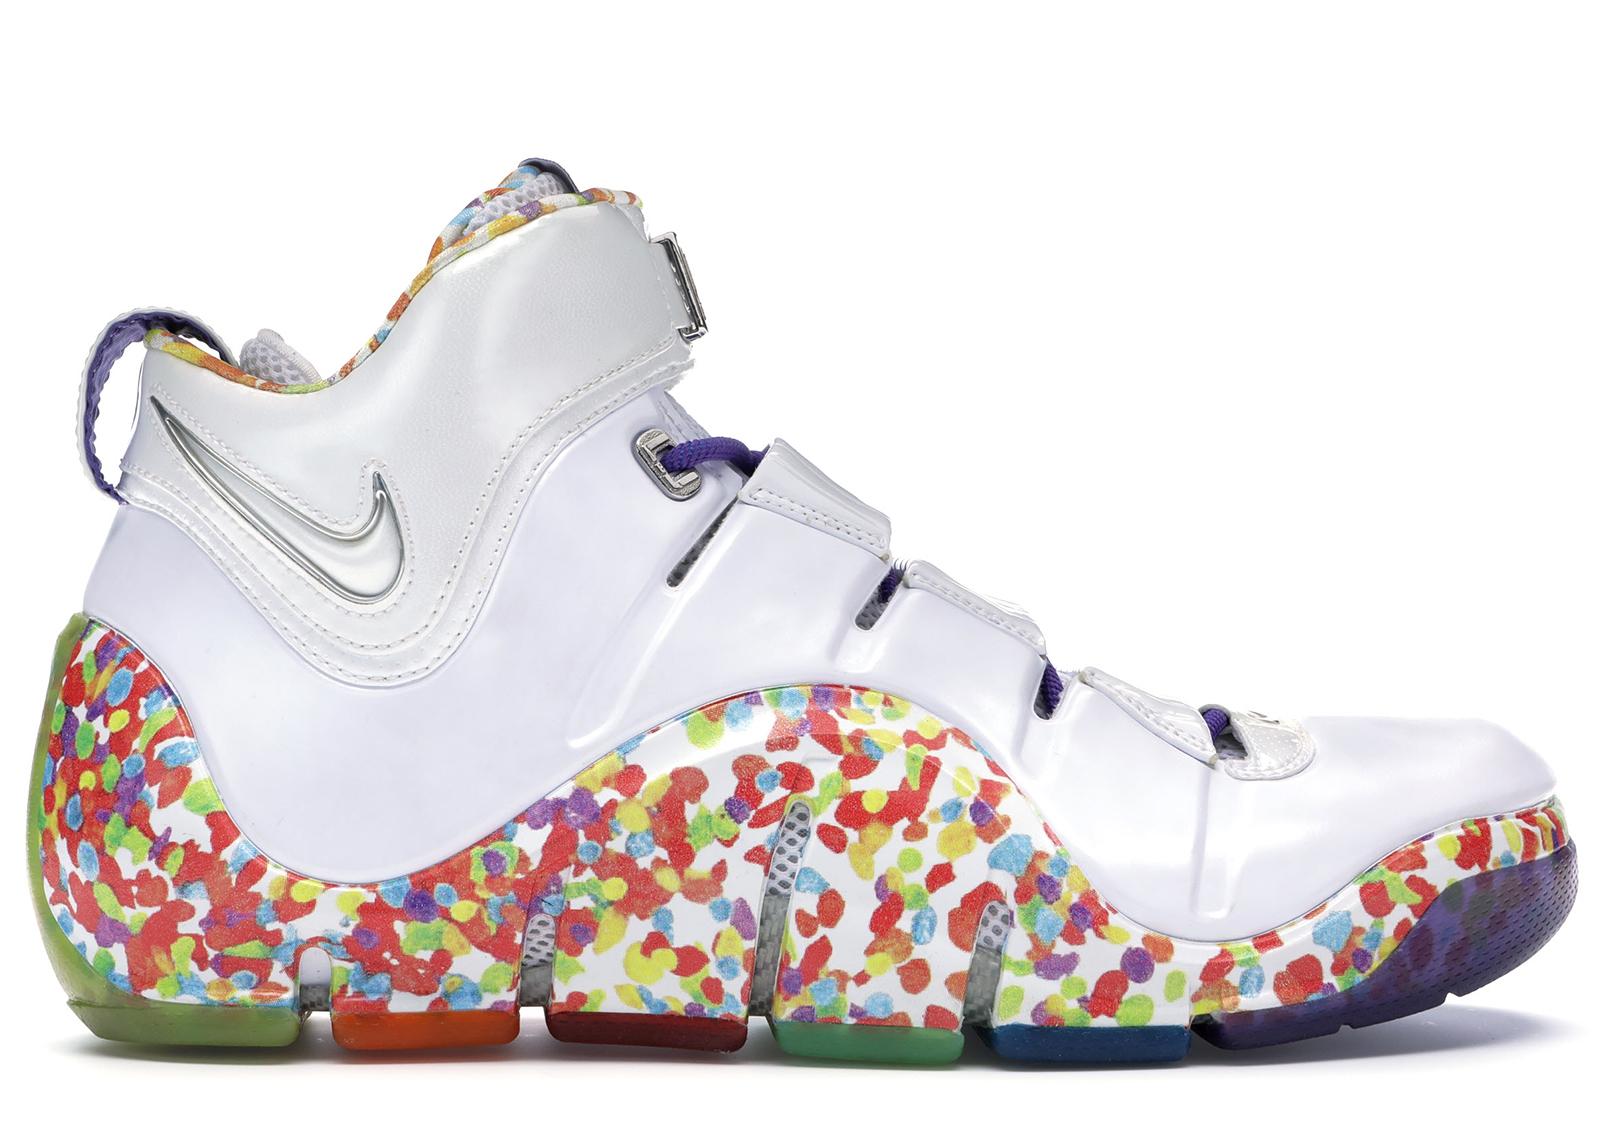 Nike LeBron 4 Fruity Pebbles - PE